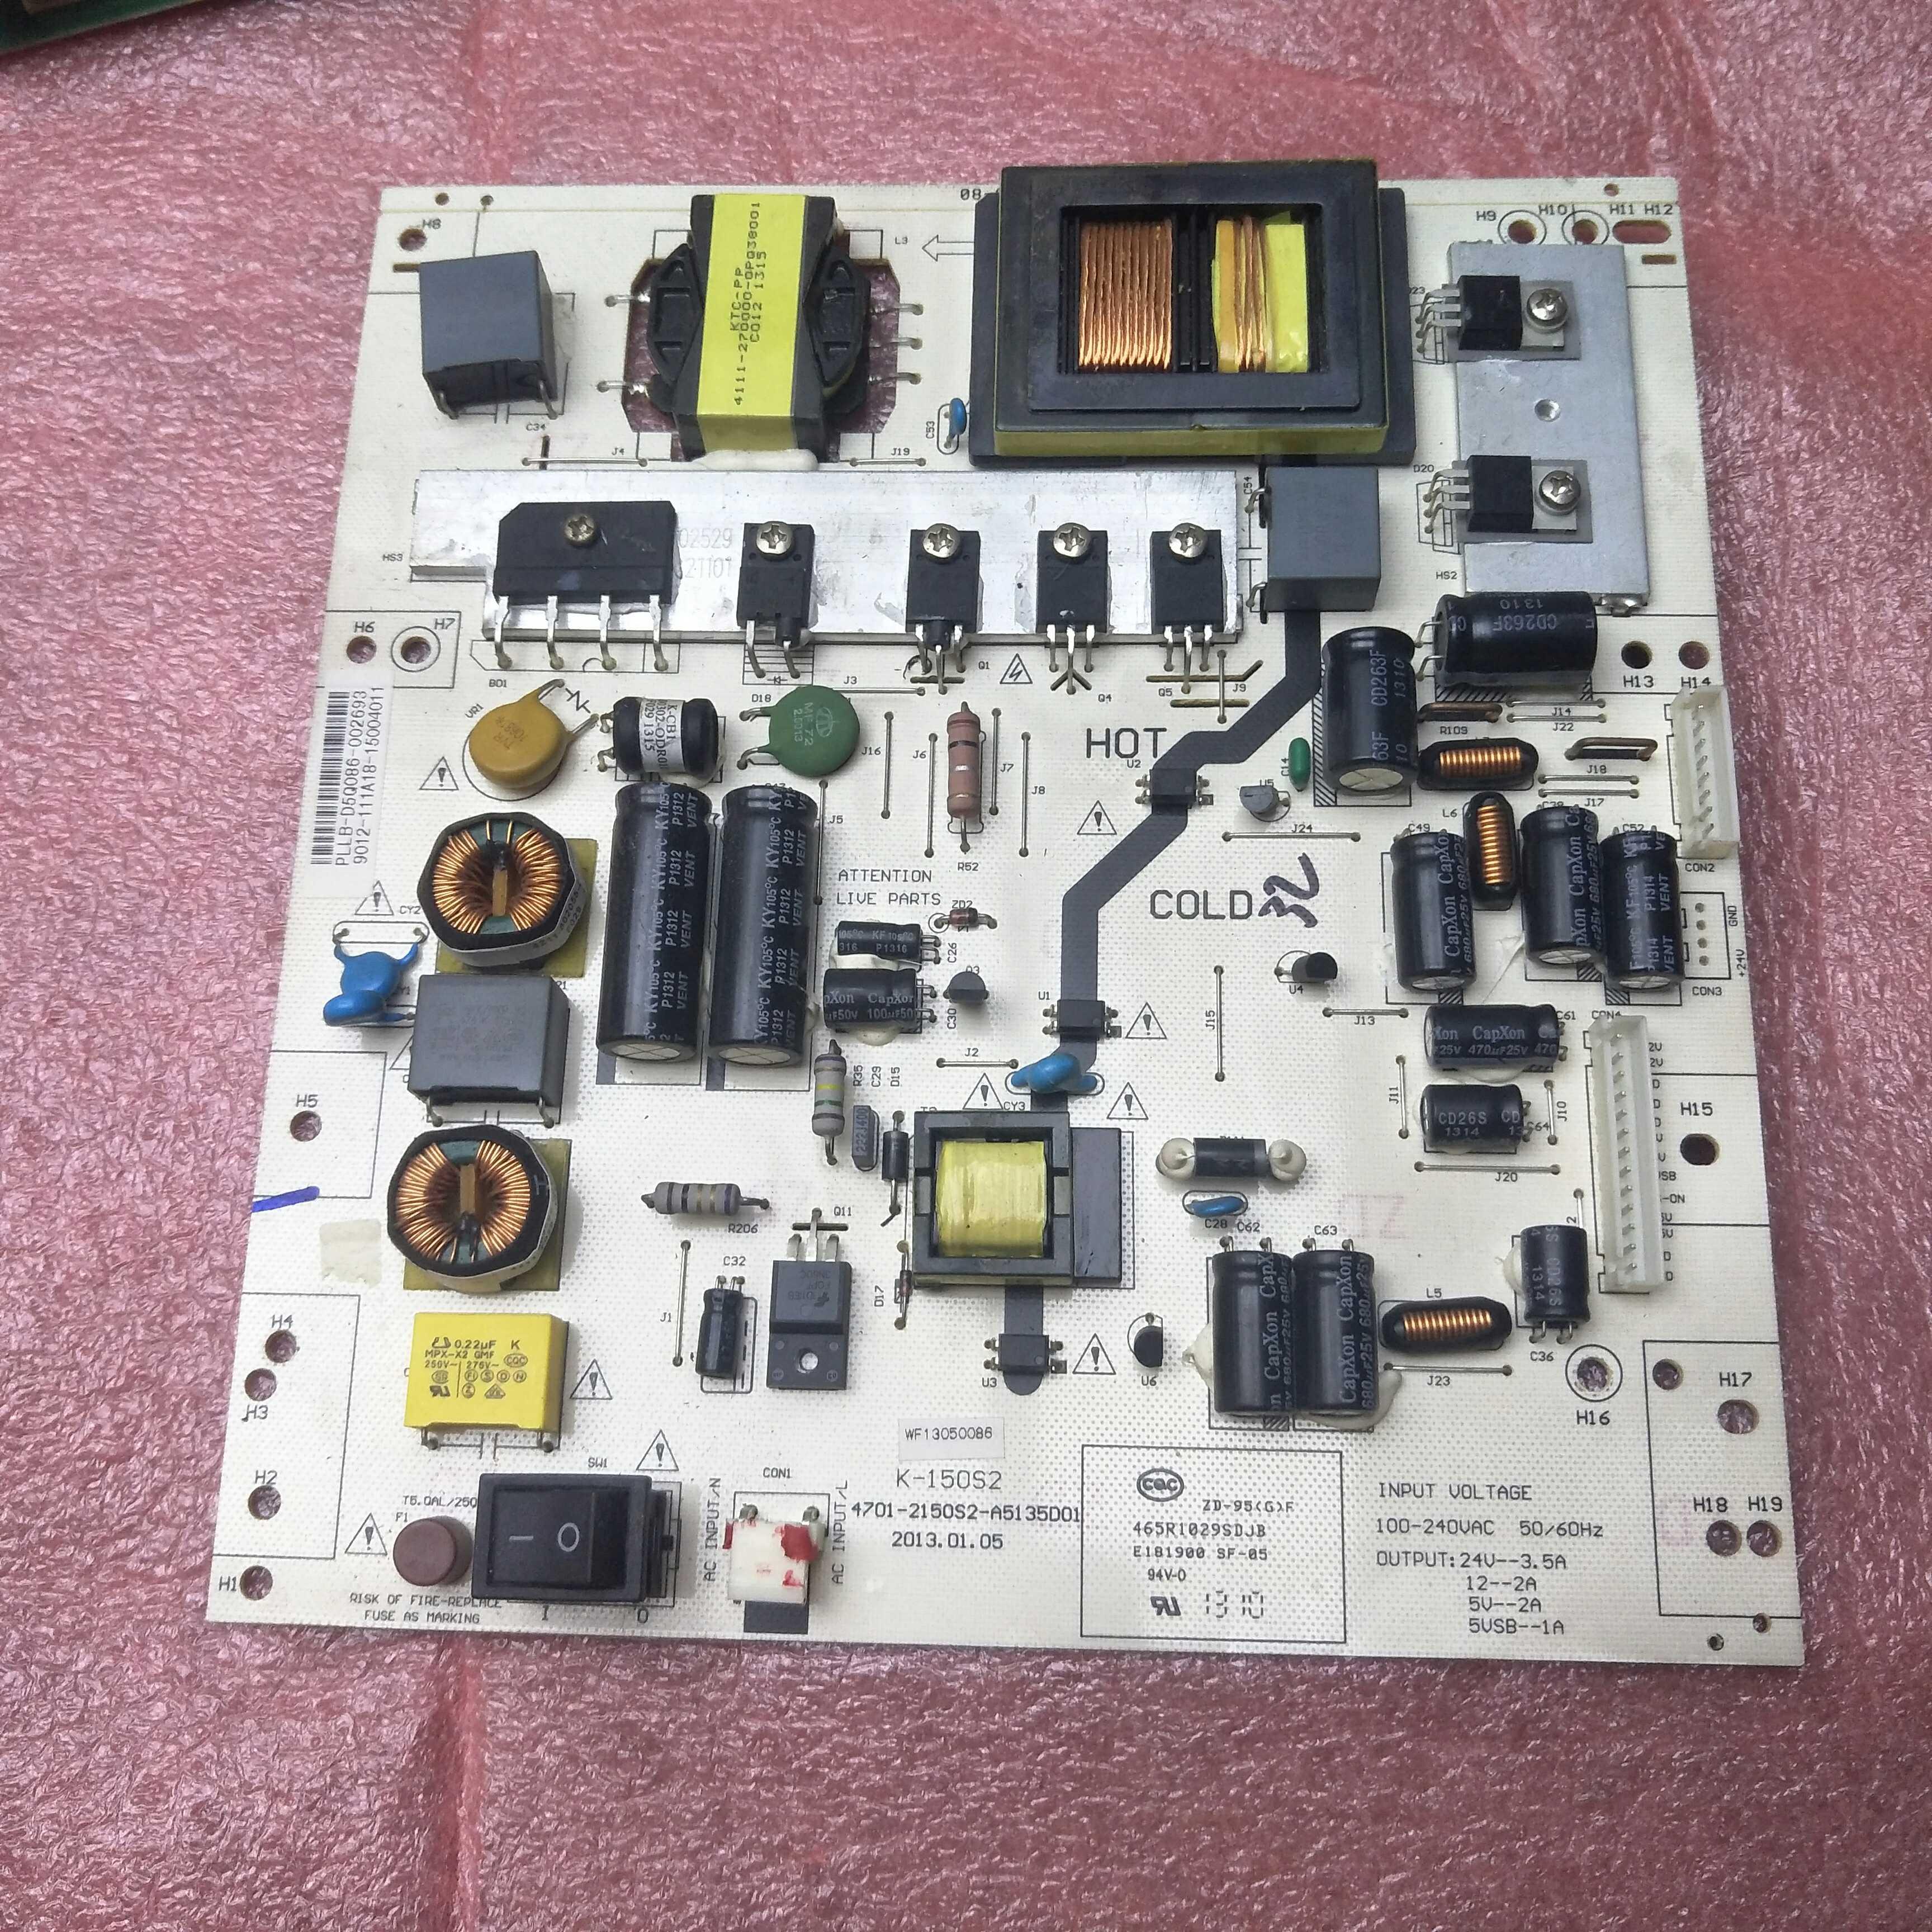 TCLLE42D5942 inch TV plasma điện cao áp Zener trong điều khiển zener trong tấm che bóng bo mạch chủ